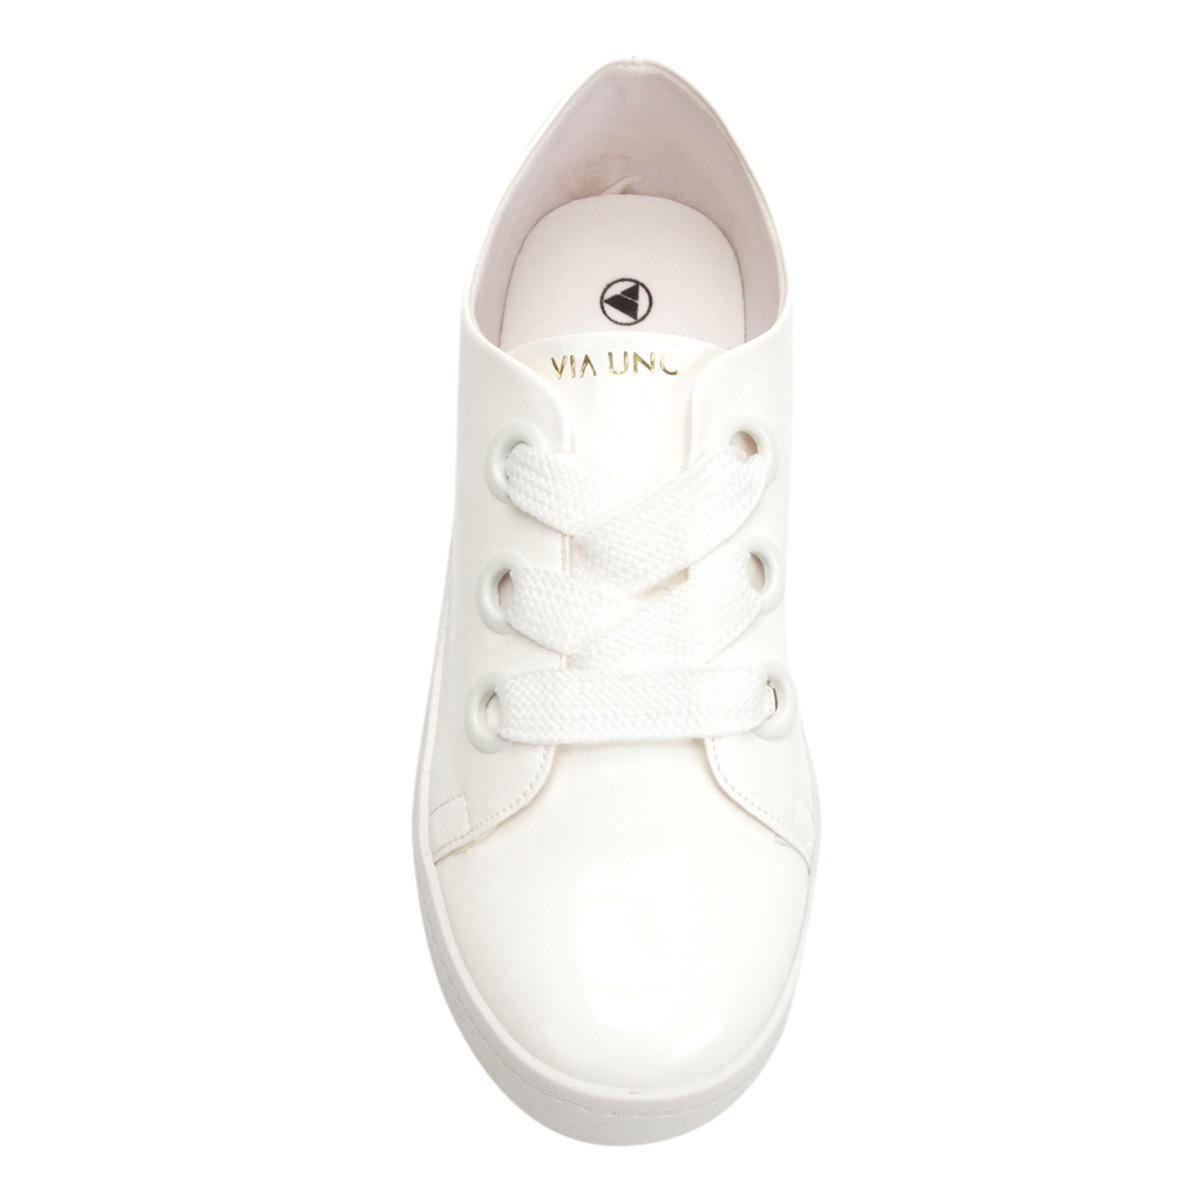 94fe5a364 tênis feminino branco verniz cadarço via uno promoção. Carregando zoom.